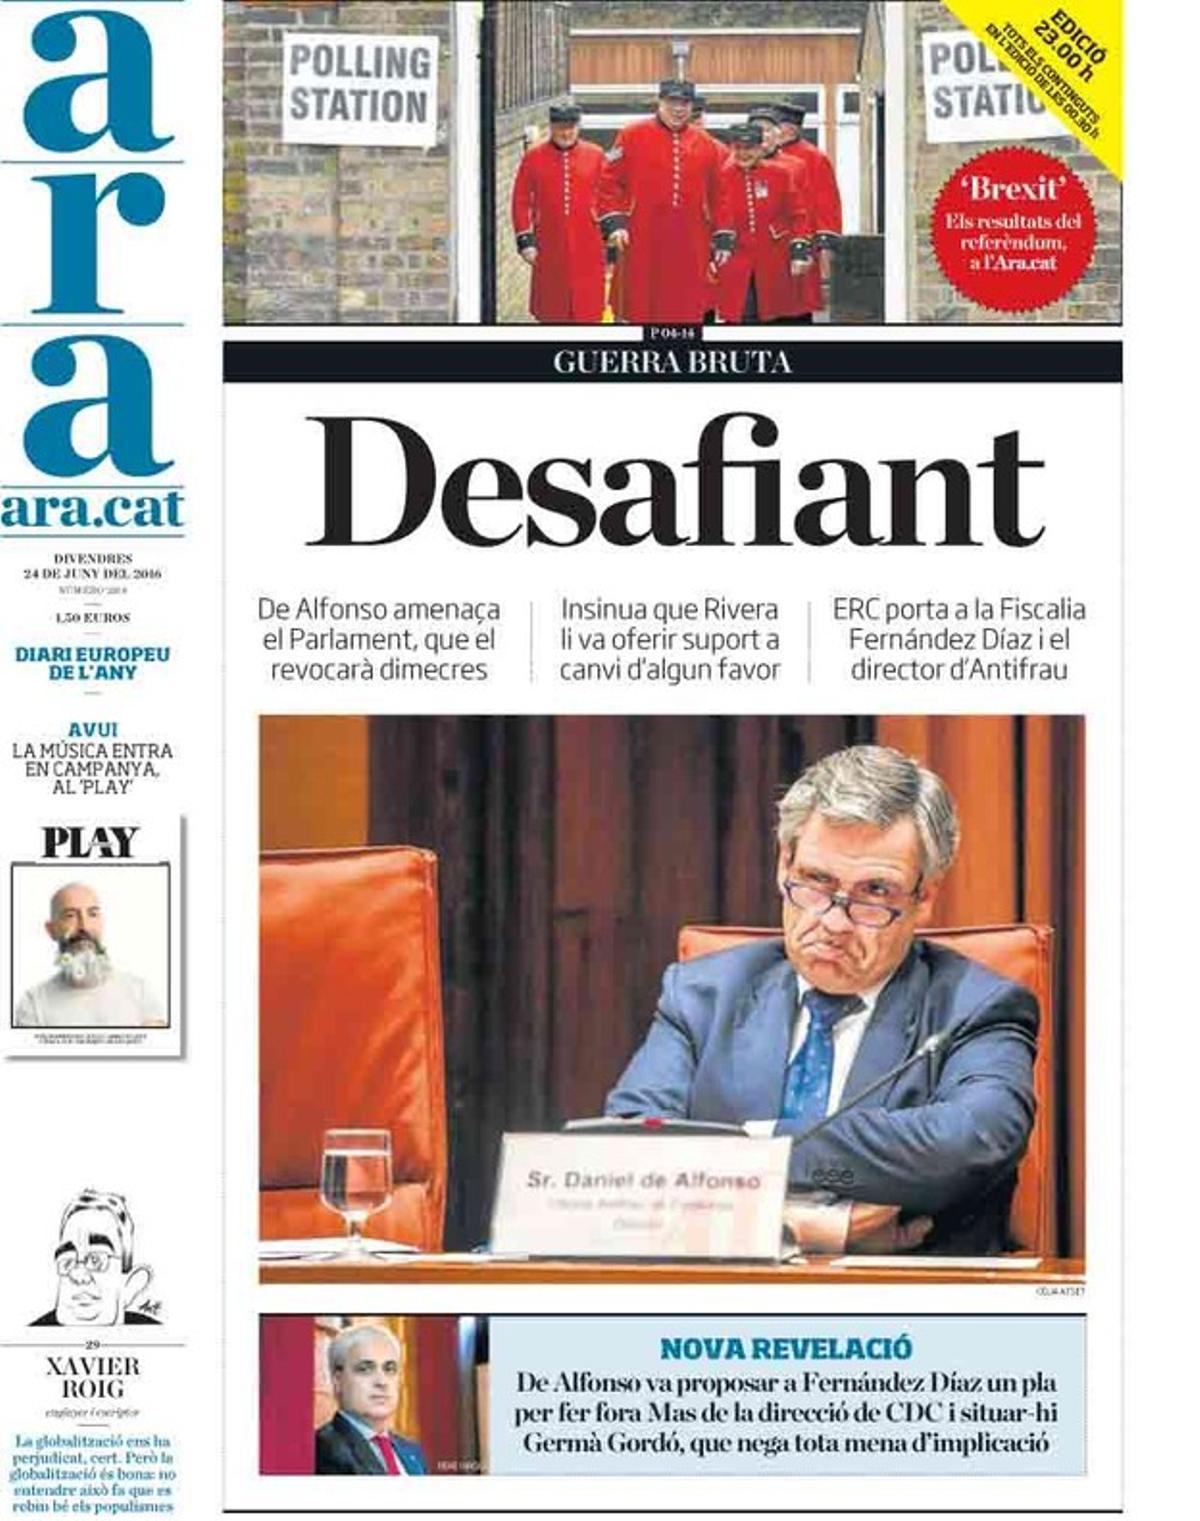 Los desafíos de De Alfonso y el Reino Unido copan las portadas